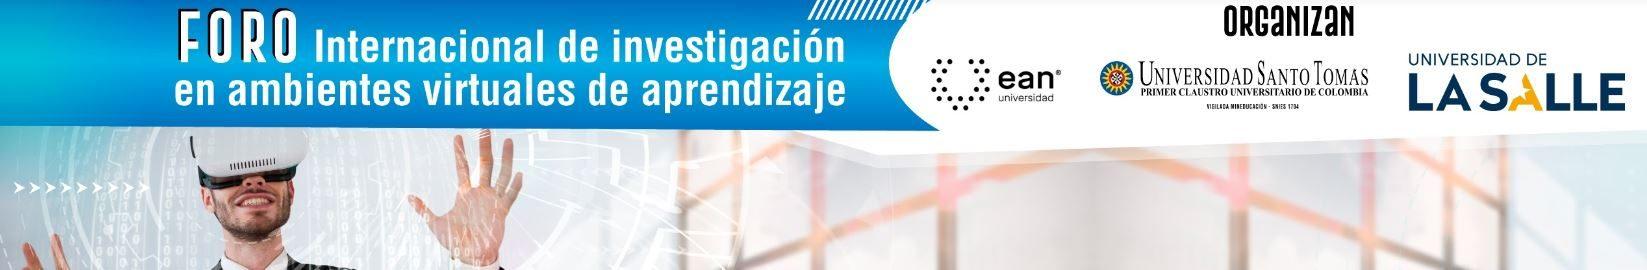 III Foro Internacional de Investigación en Ambientes Virtuales de Aprendizaje